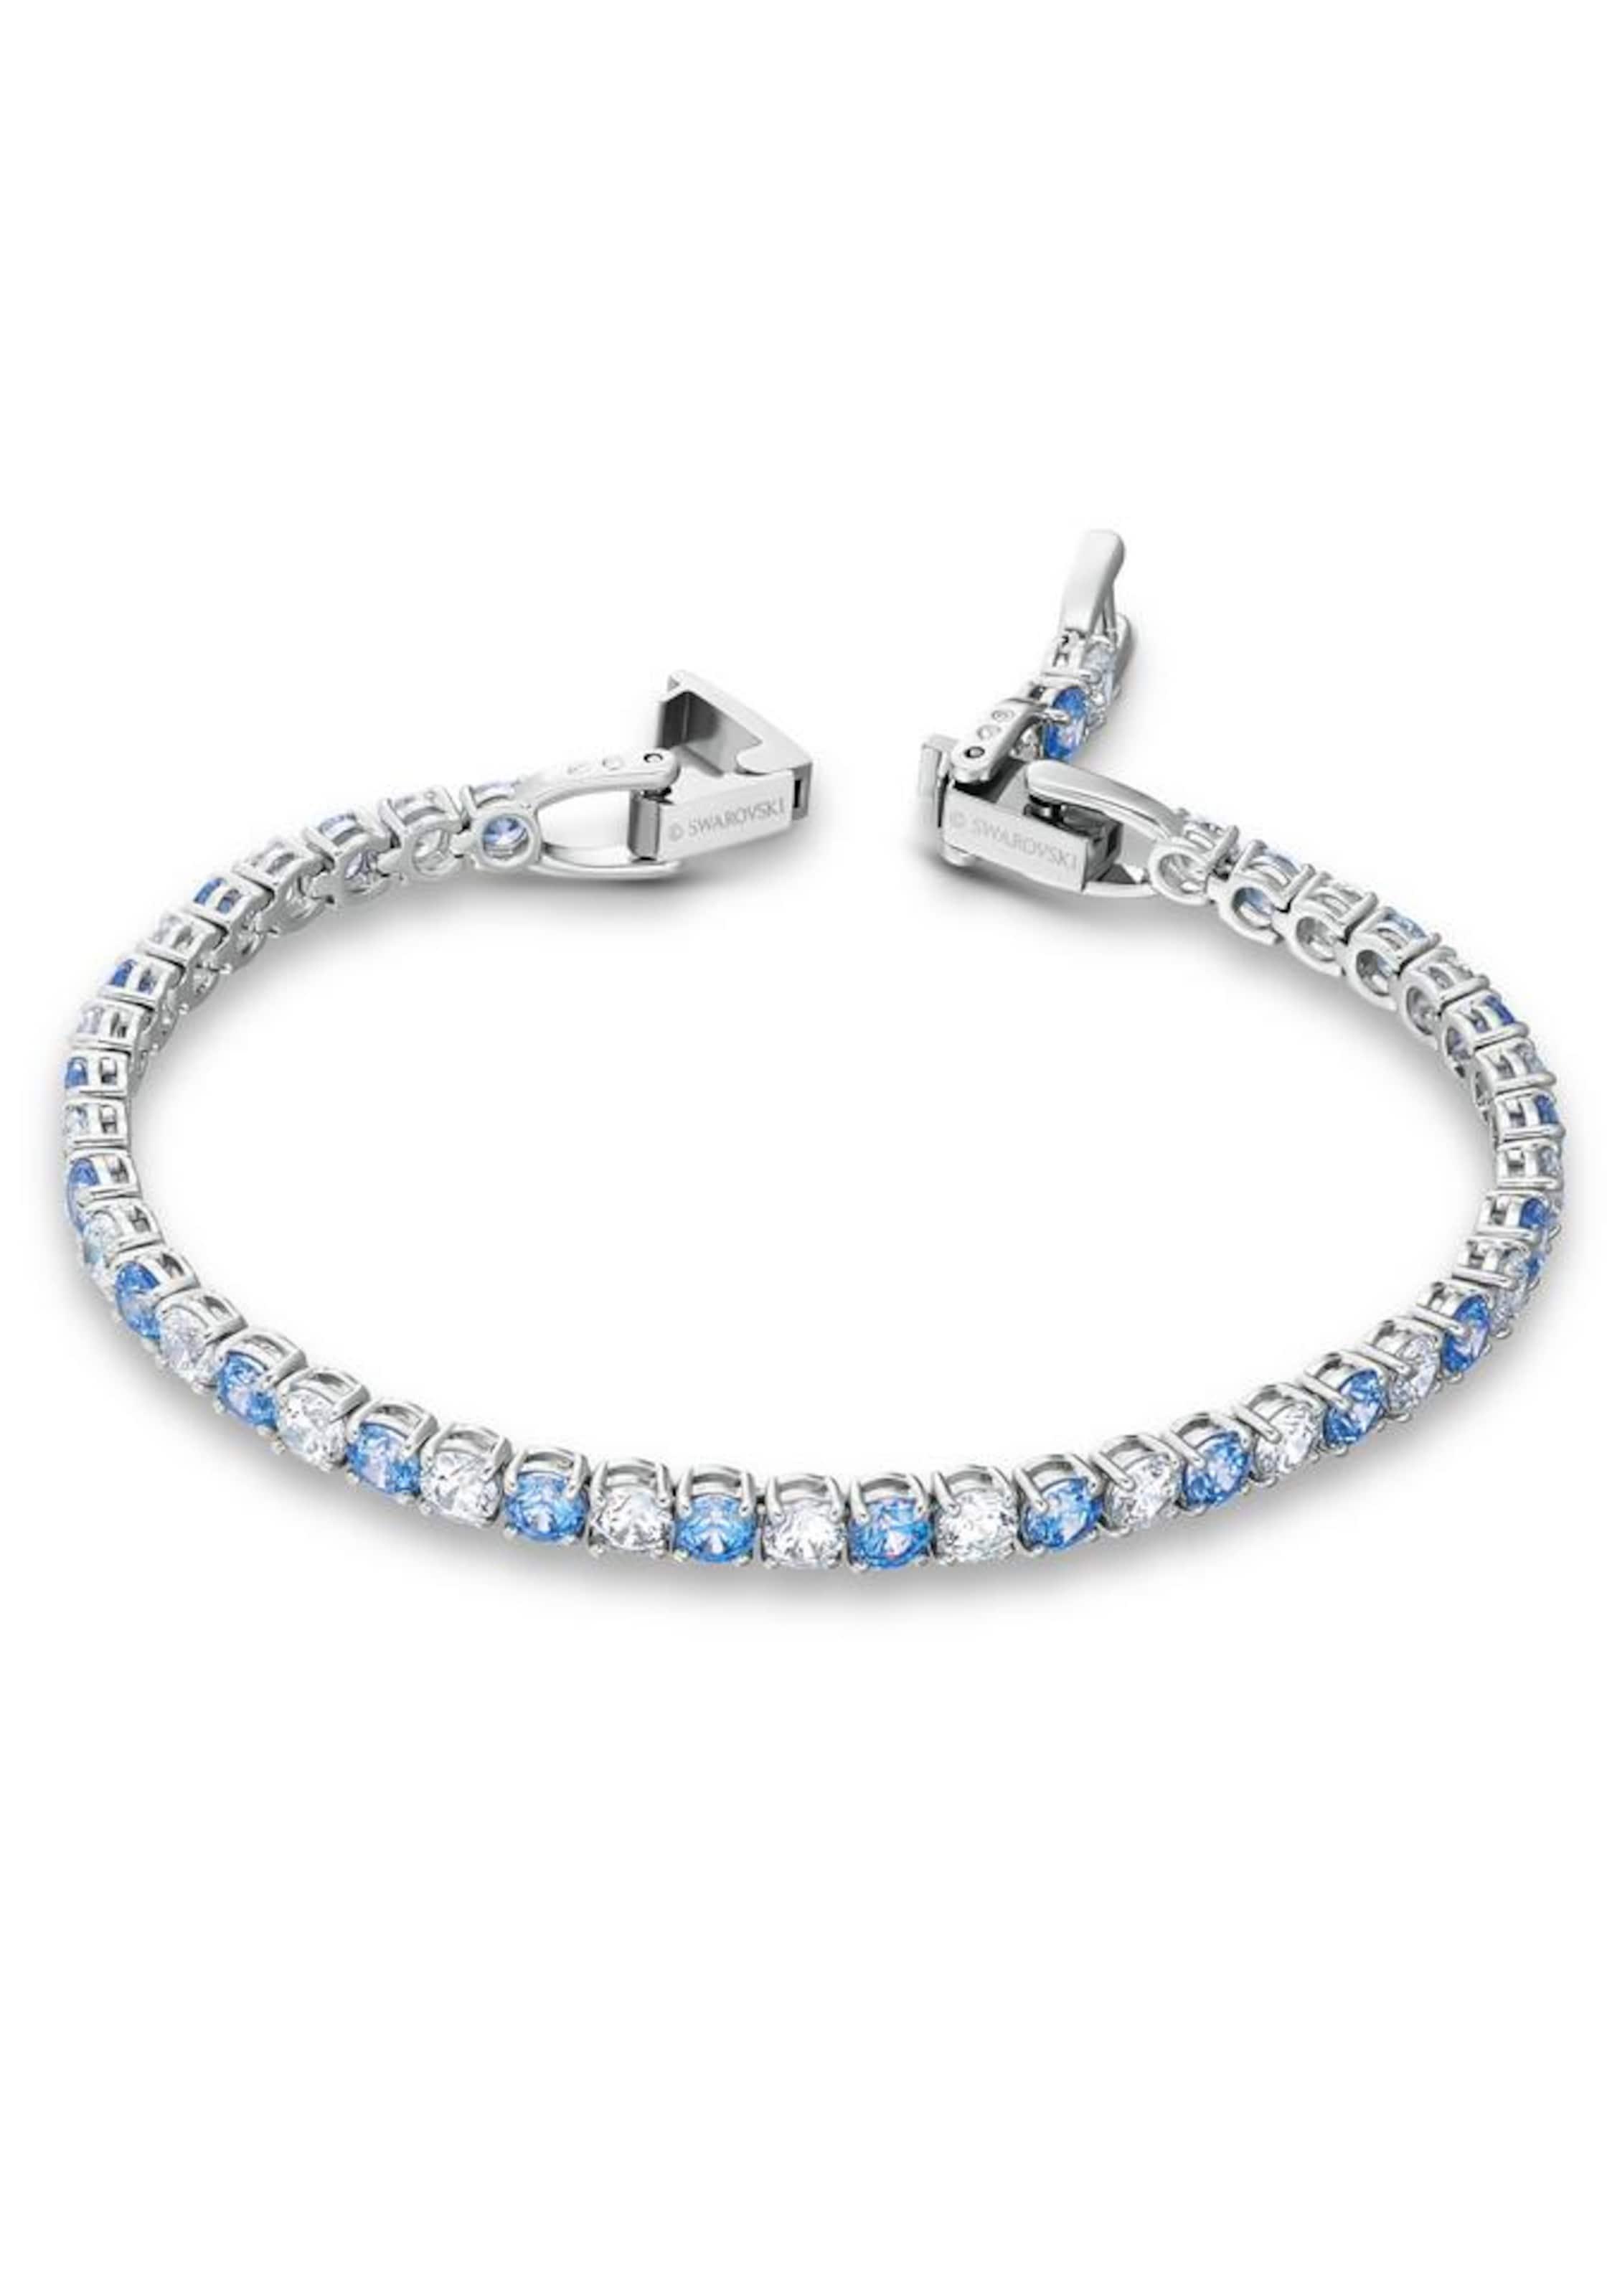 Swarovski Armband i blå / silver / transparent